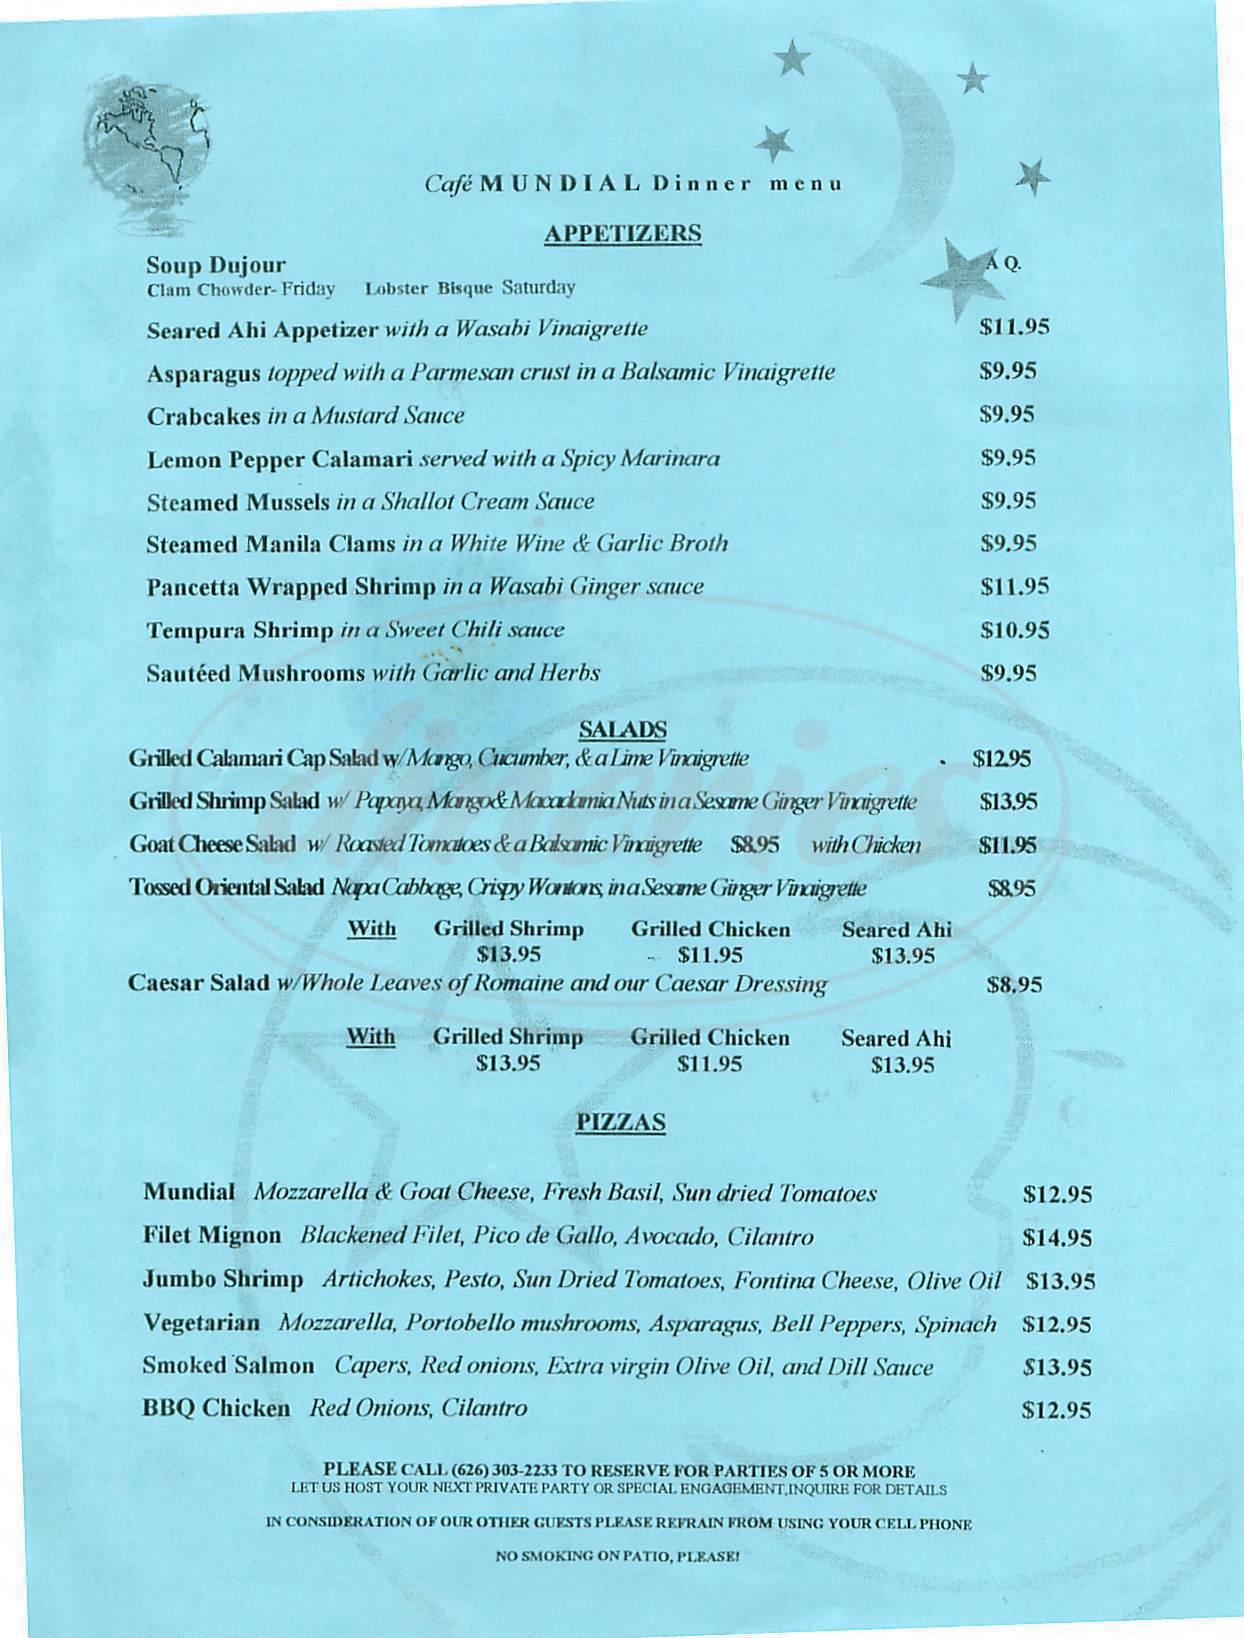 menu for Café Mundial